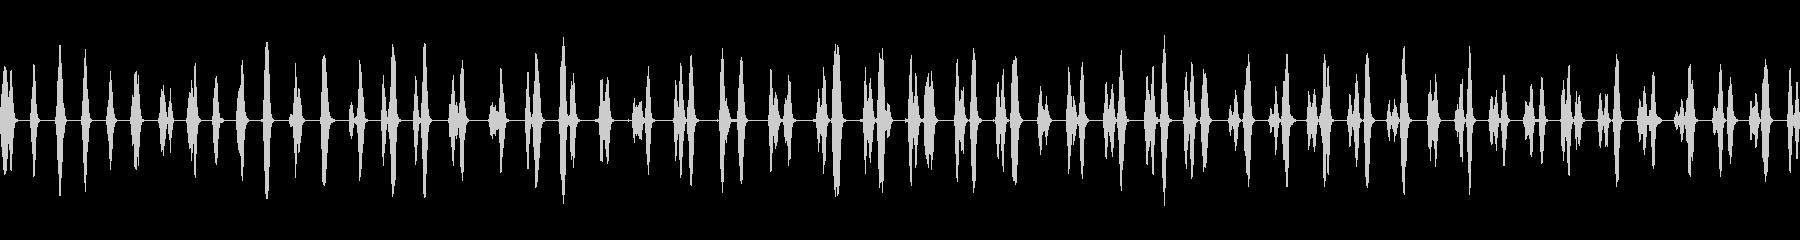 0、1、2、3、4 、. 。 。 ...の未再生の波形